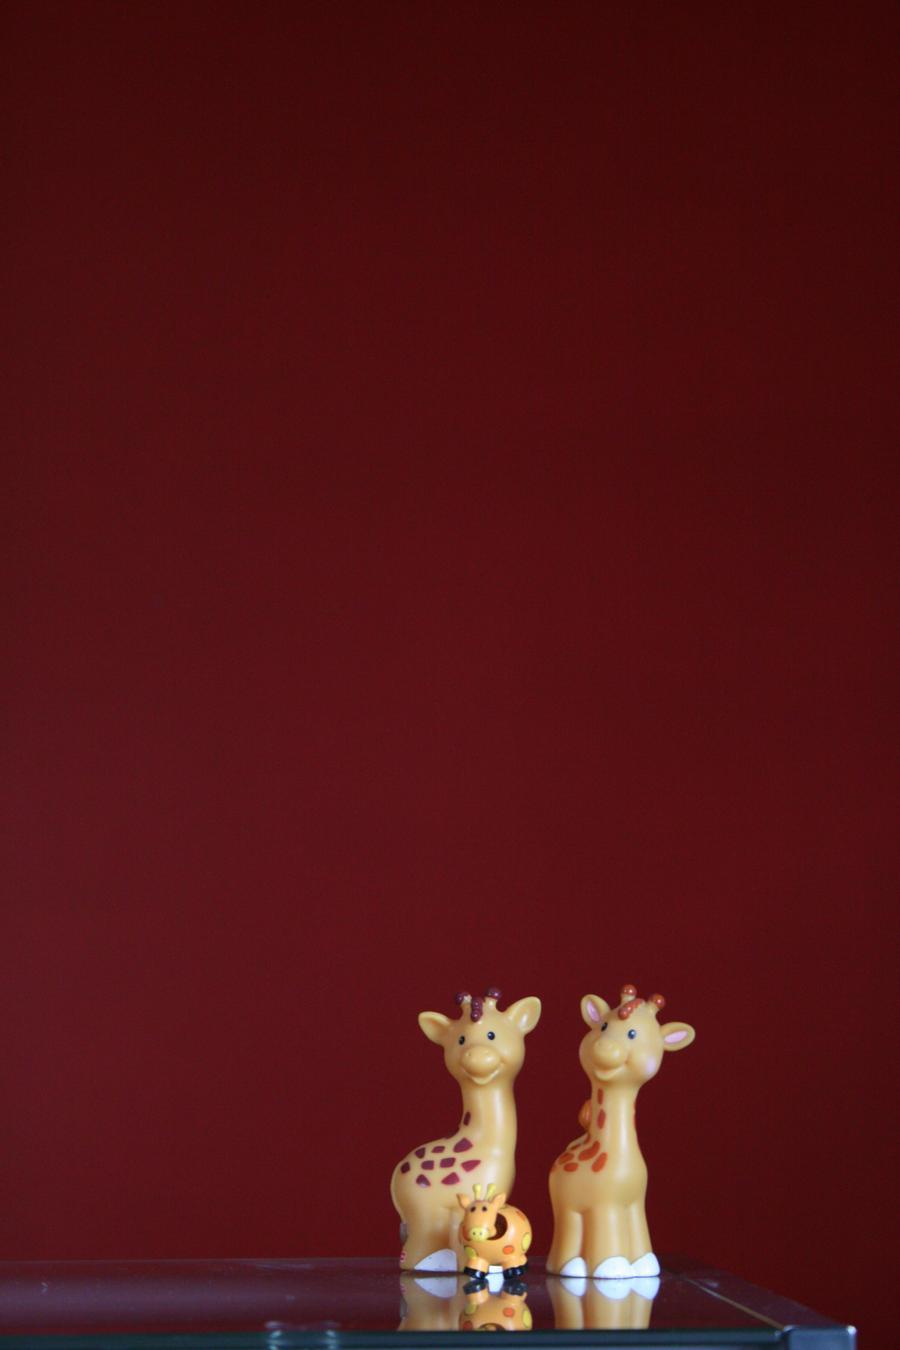 Giraffes + Red by jeenyusboy5